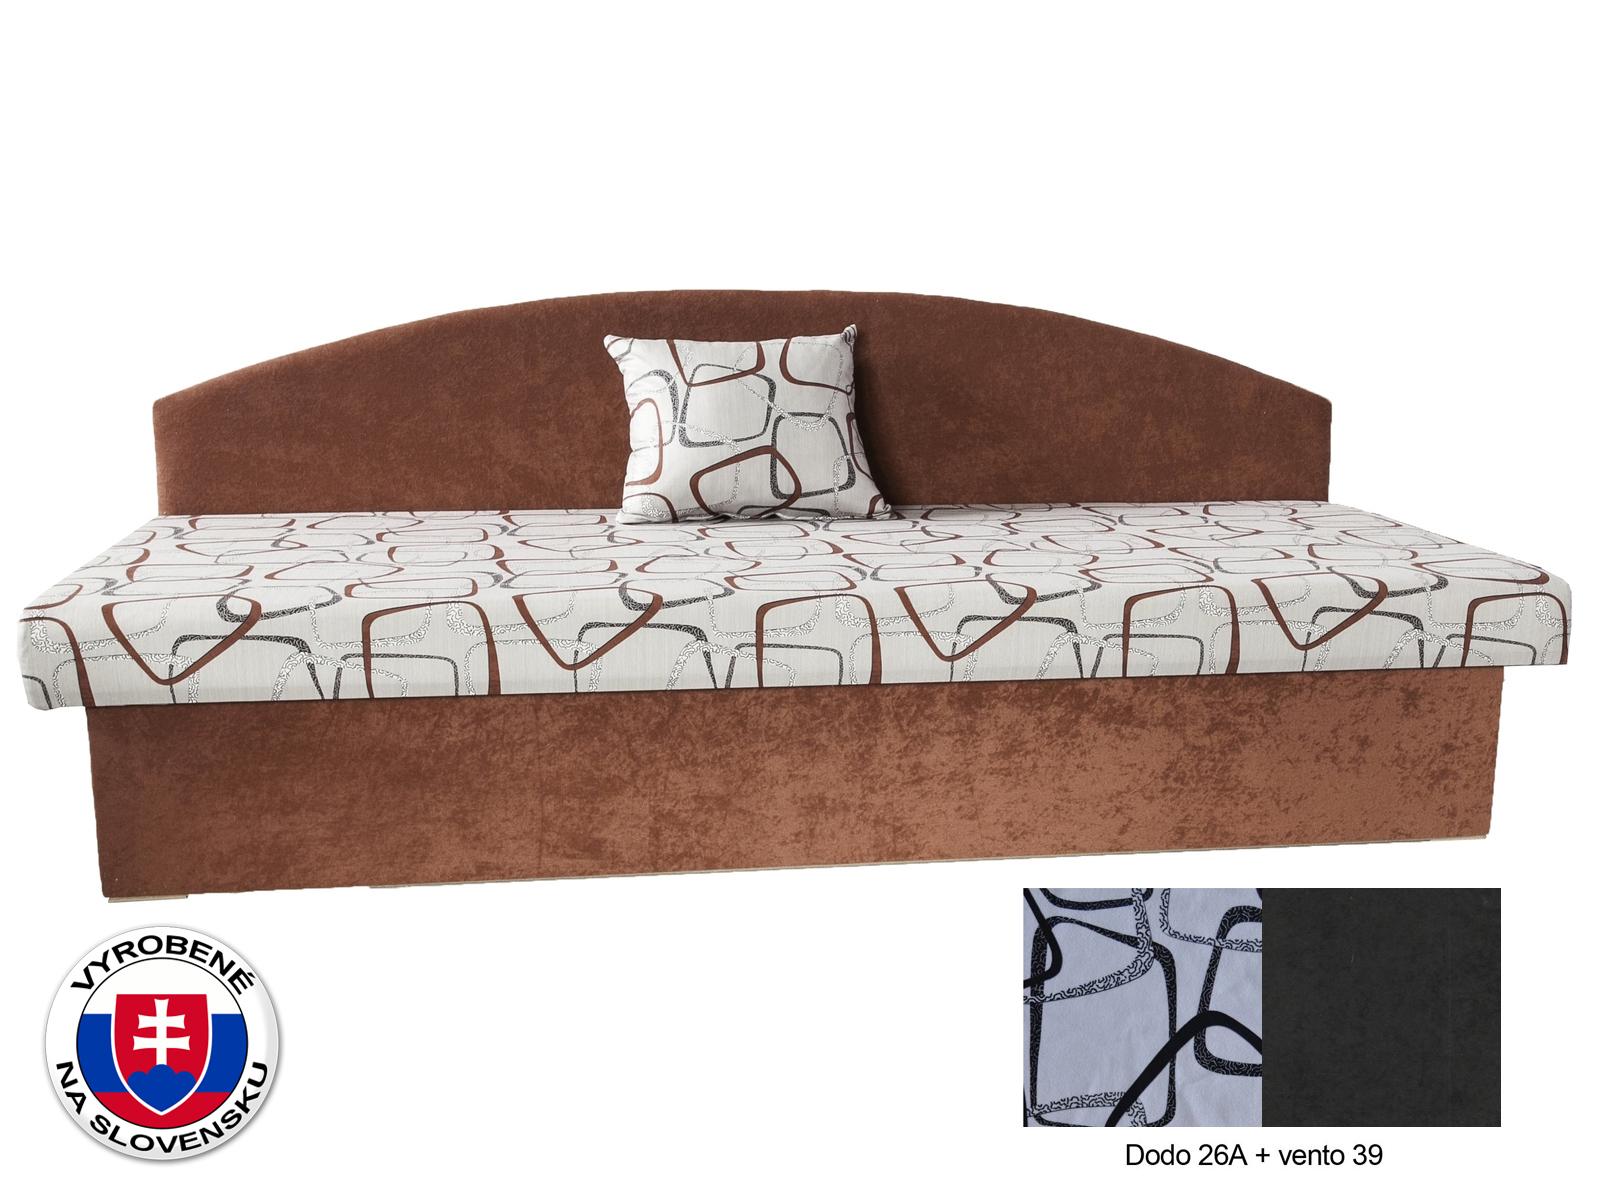 Jednolôžková váľanda 82 cm - Mitru - Vaľo 3 (s matracom) *výpredaj